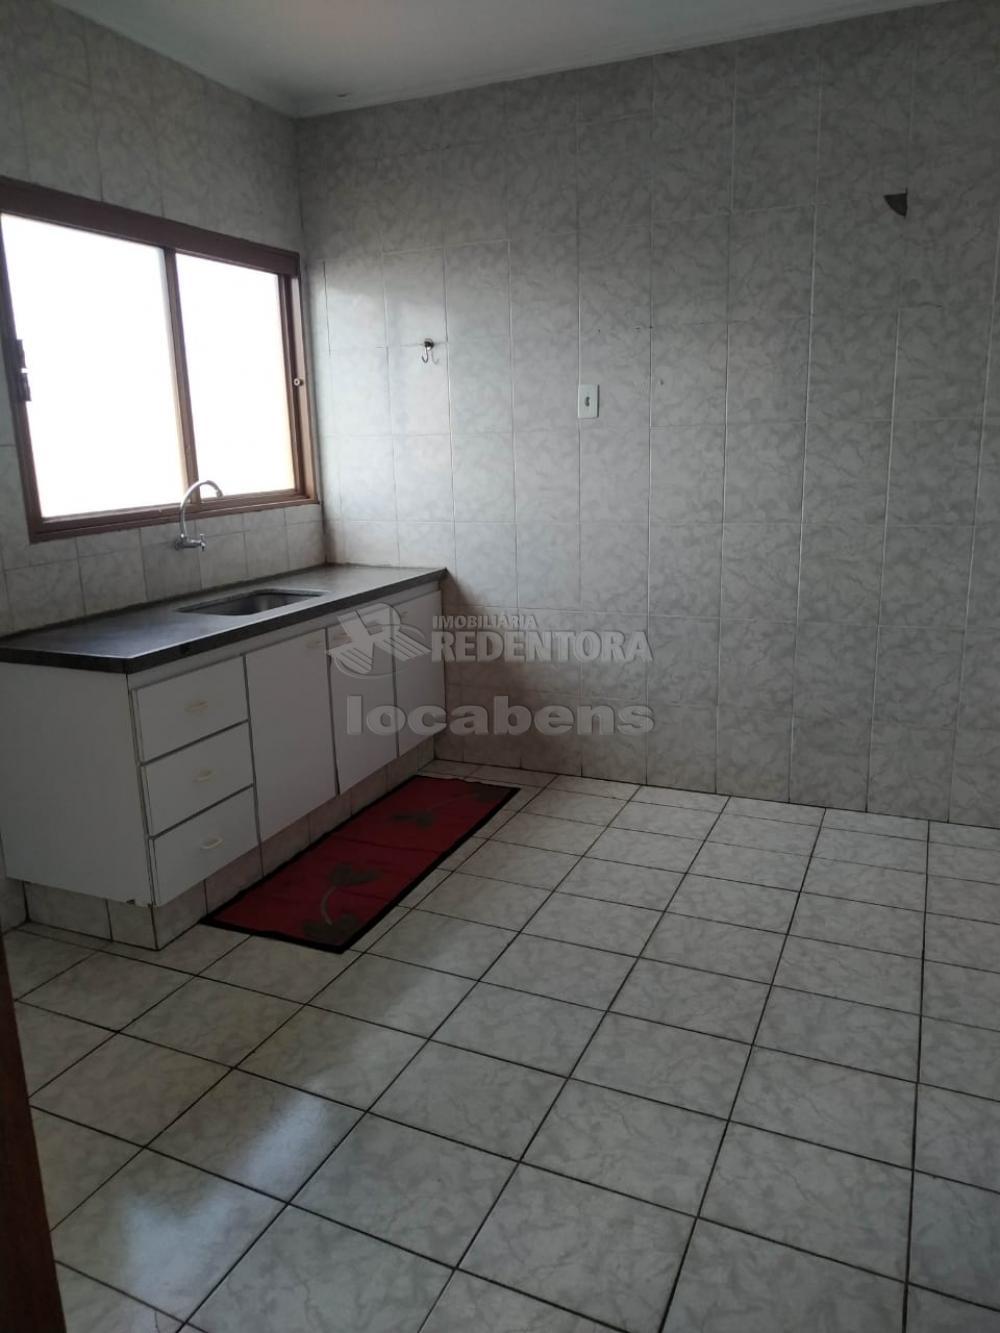 Comprar Apartamento / Padrão em São José do Rio Preto R$ 165.000,00 - Foto 4